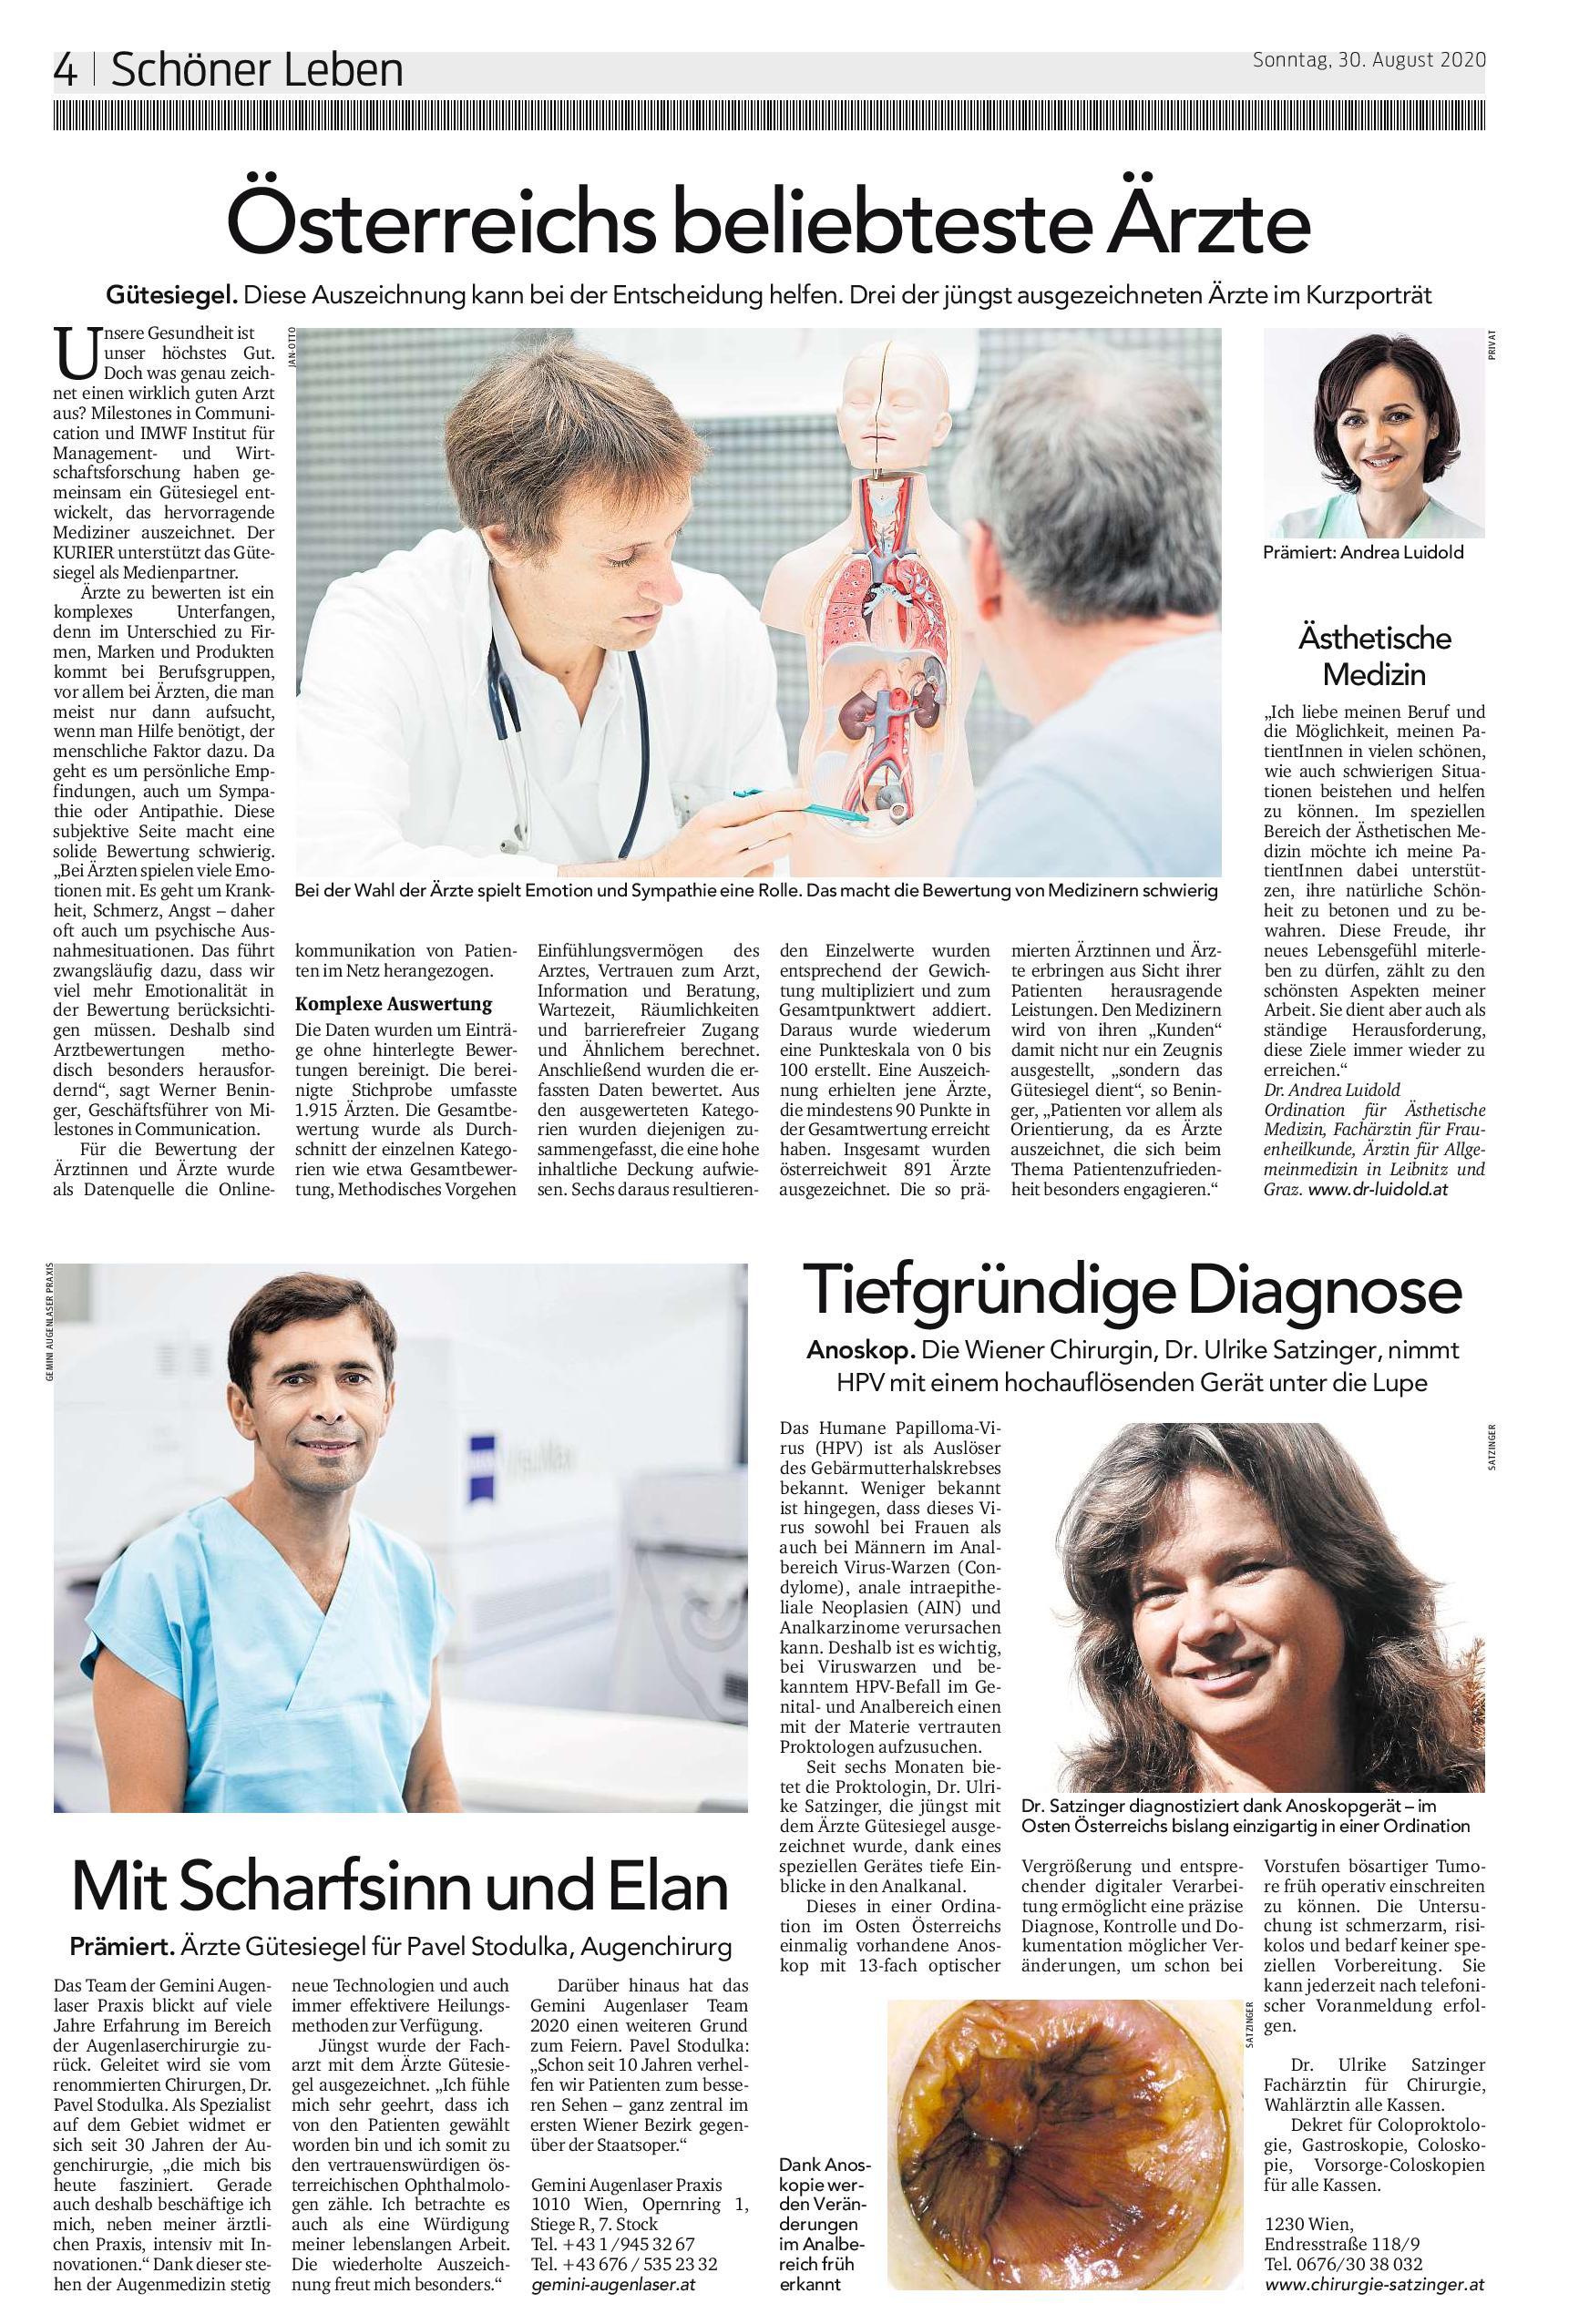 Pavel Stodůlka nejoblíbenějším lékařem v Rakousku